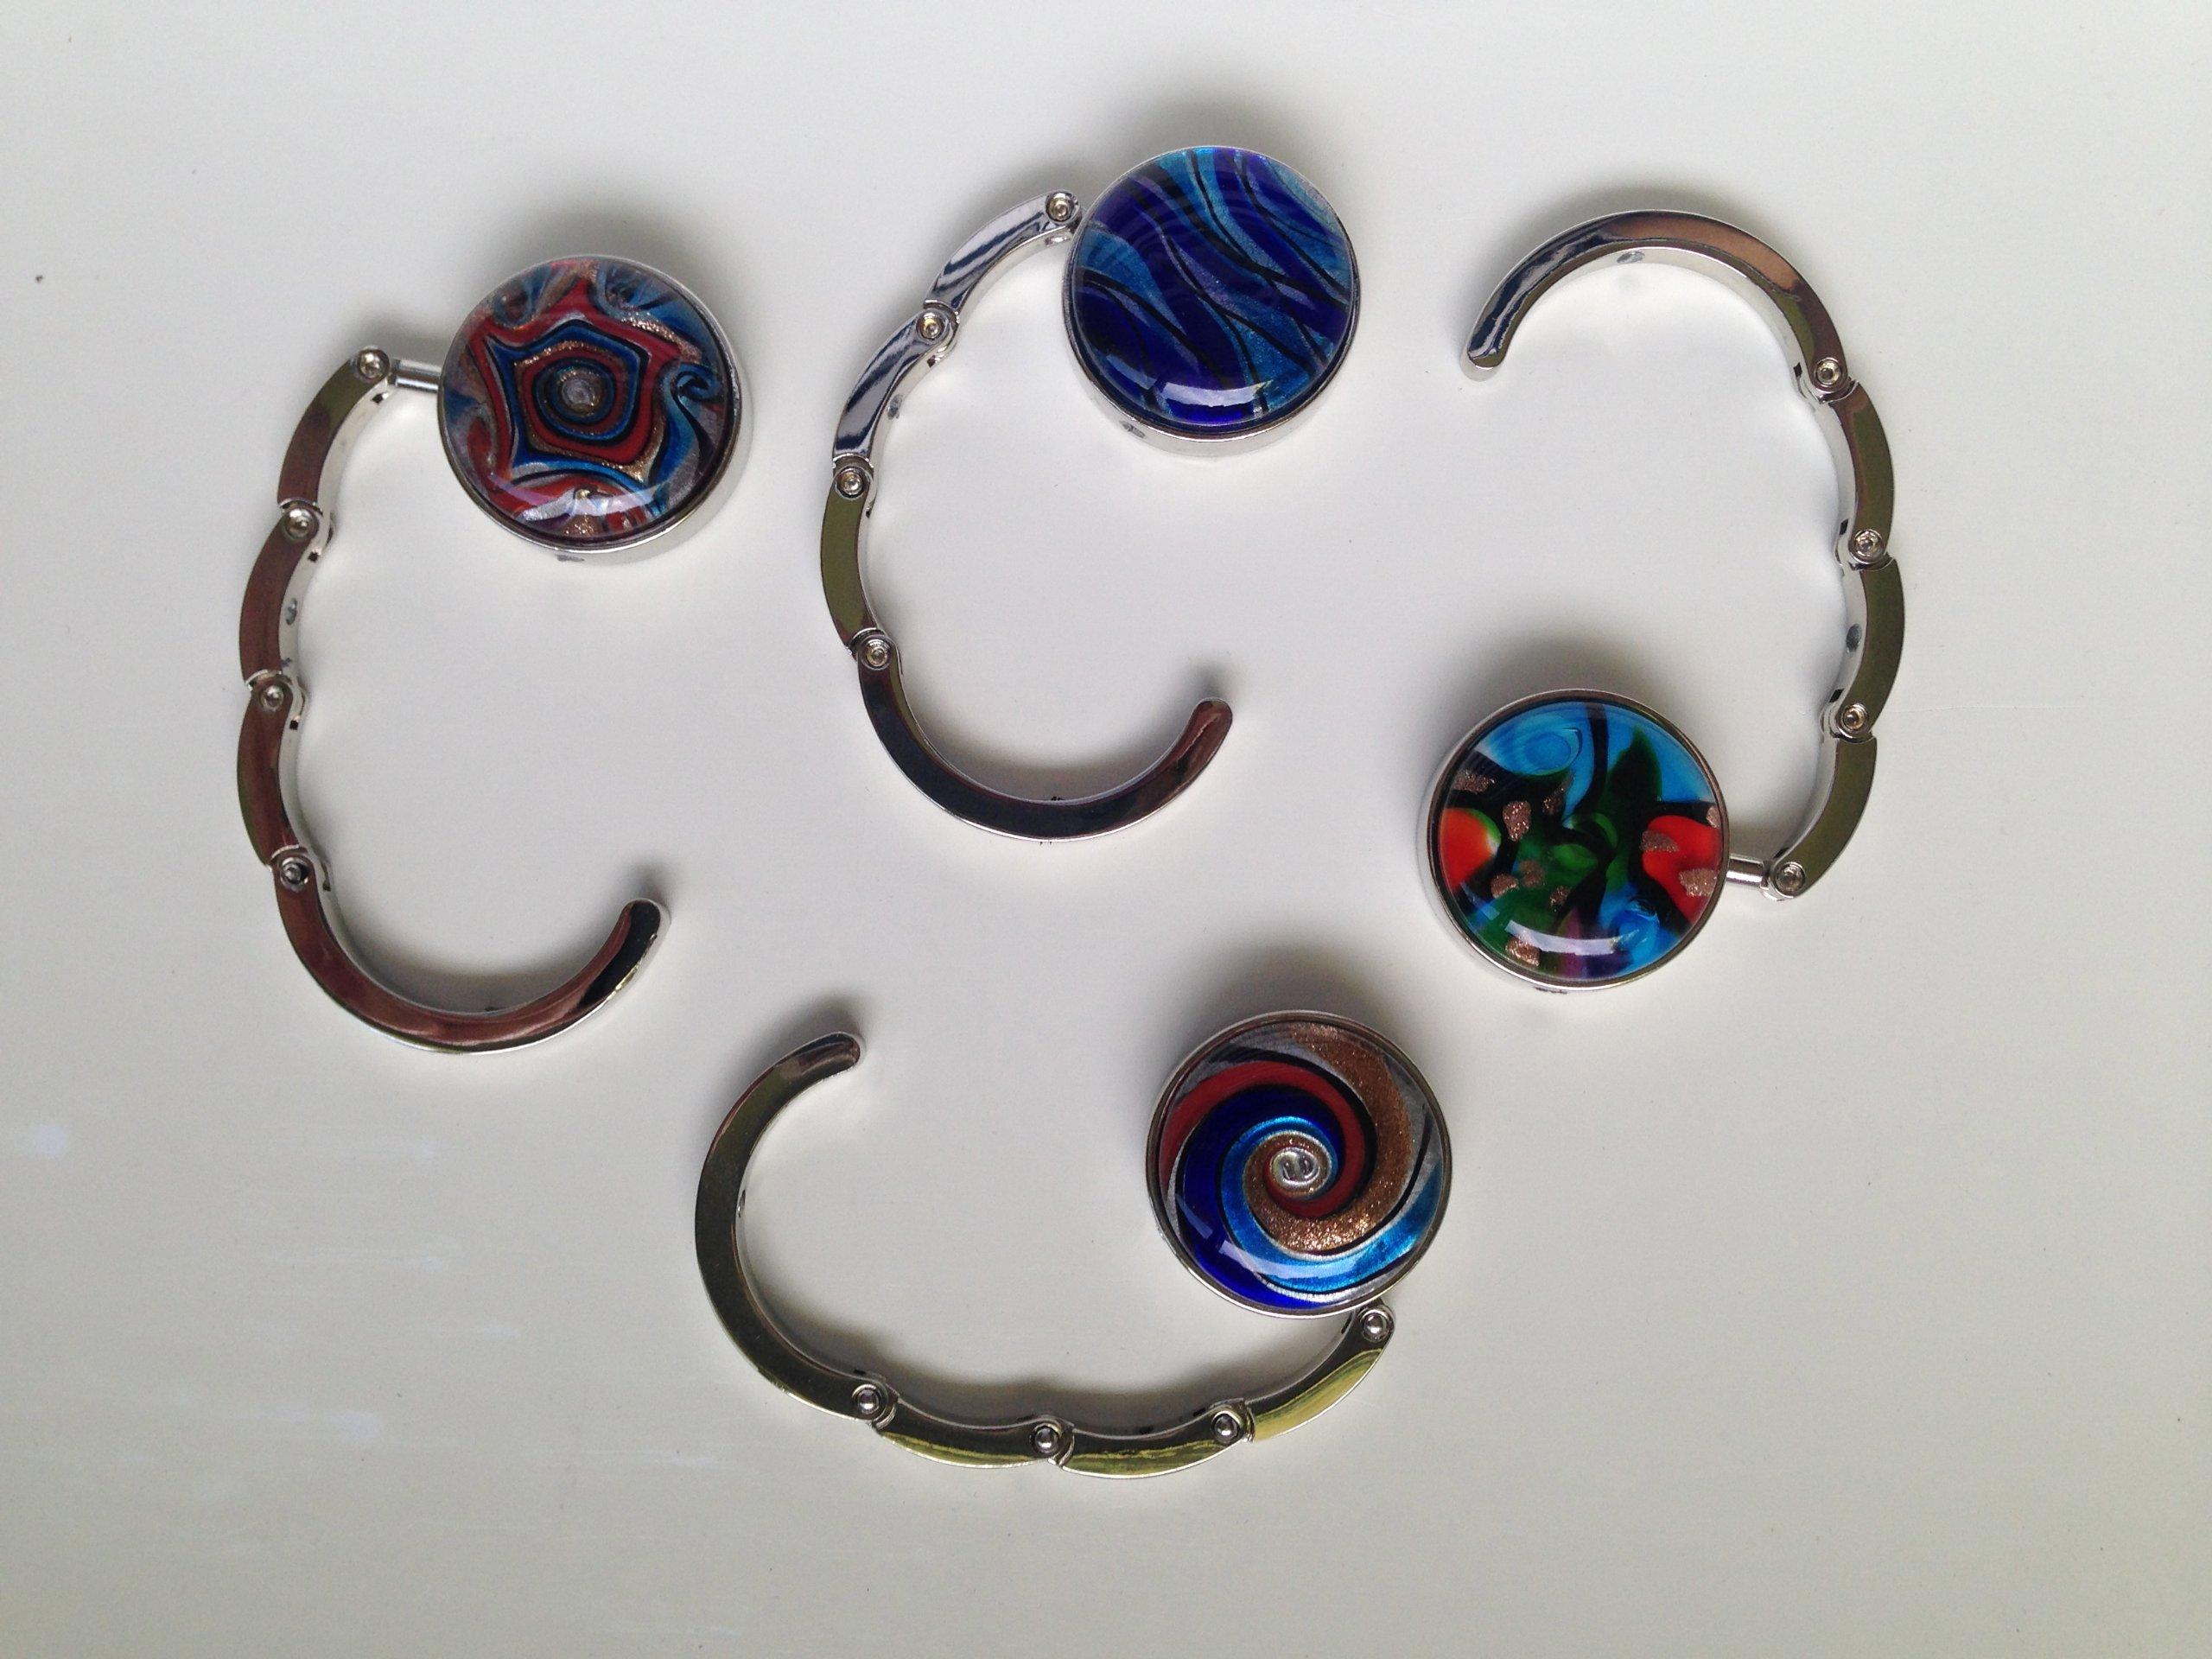 Murano Style Art Glass Folding Purse Handbag Hook Hanger 4 Piece Assortment